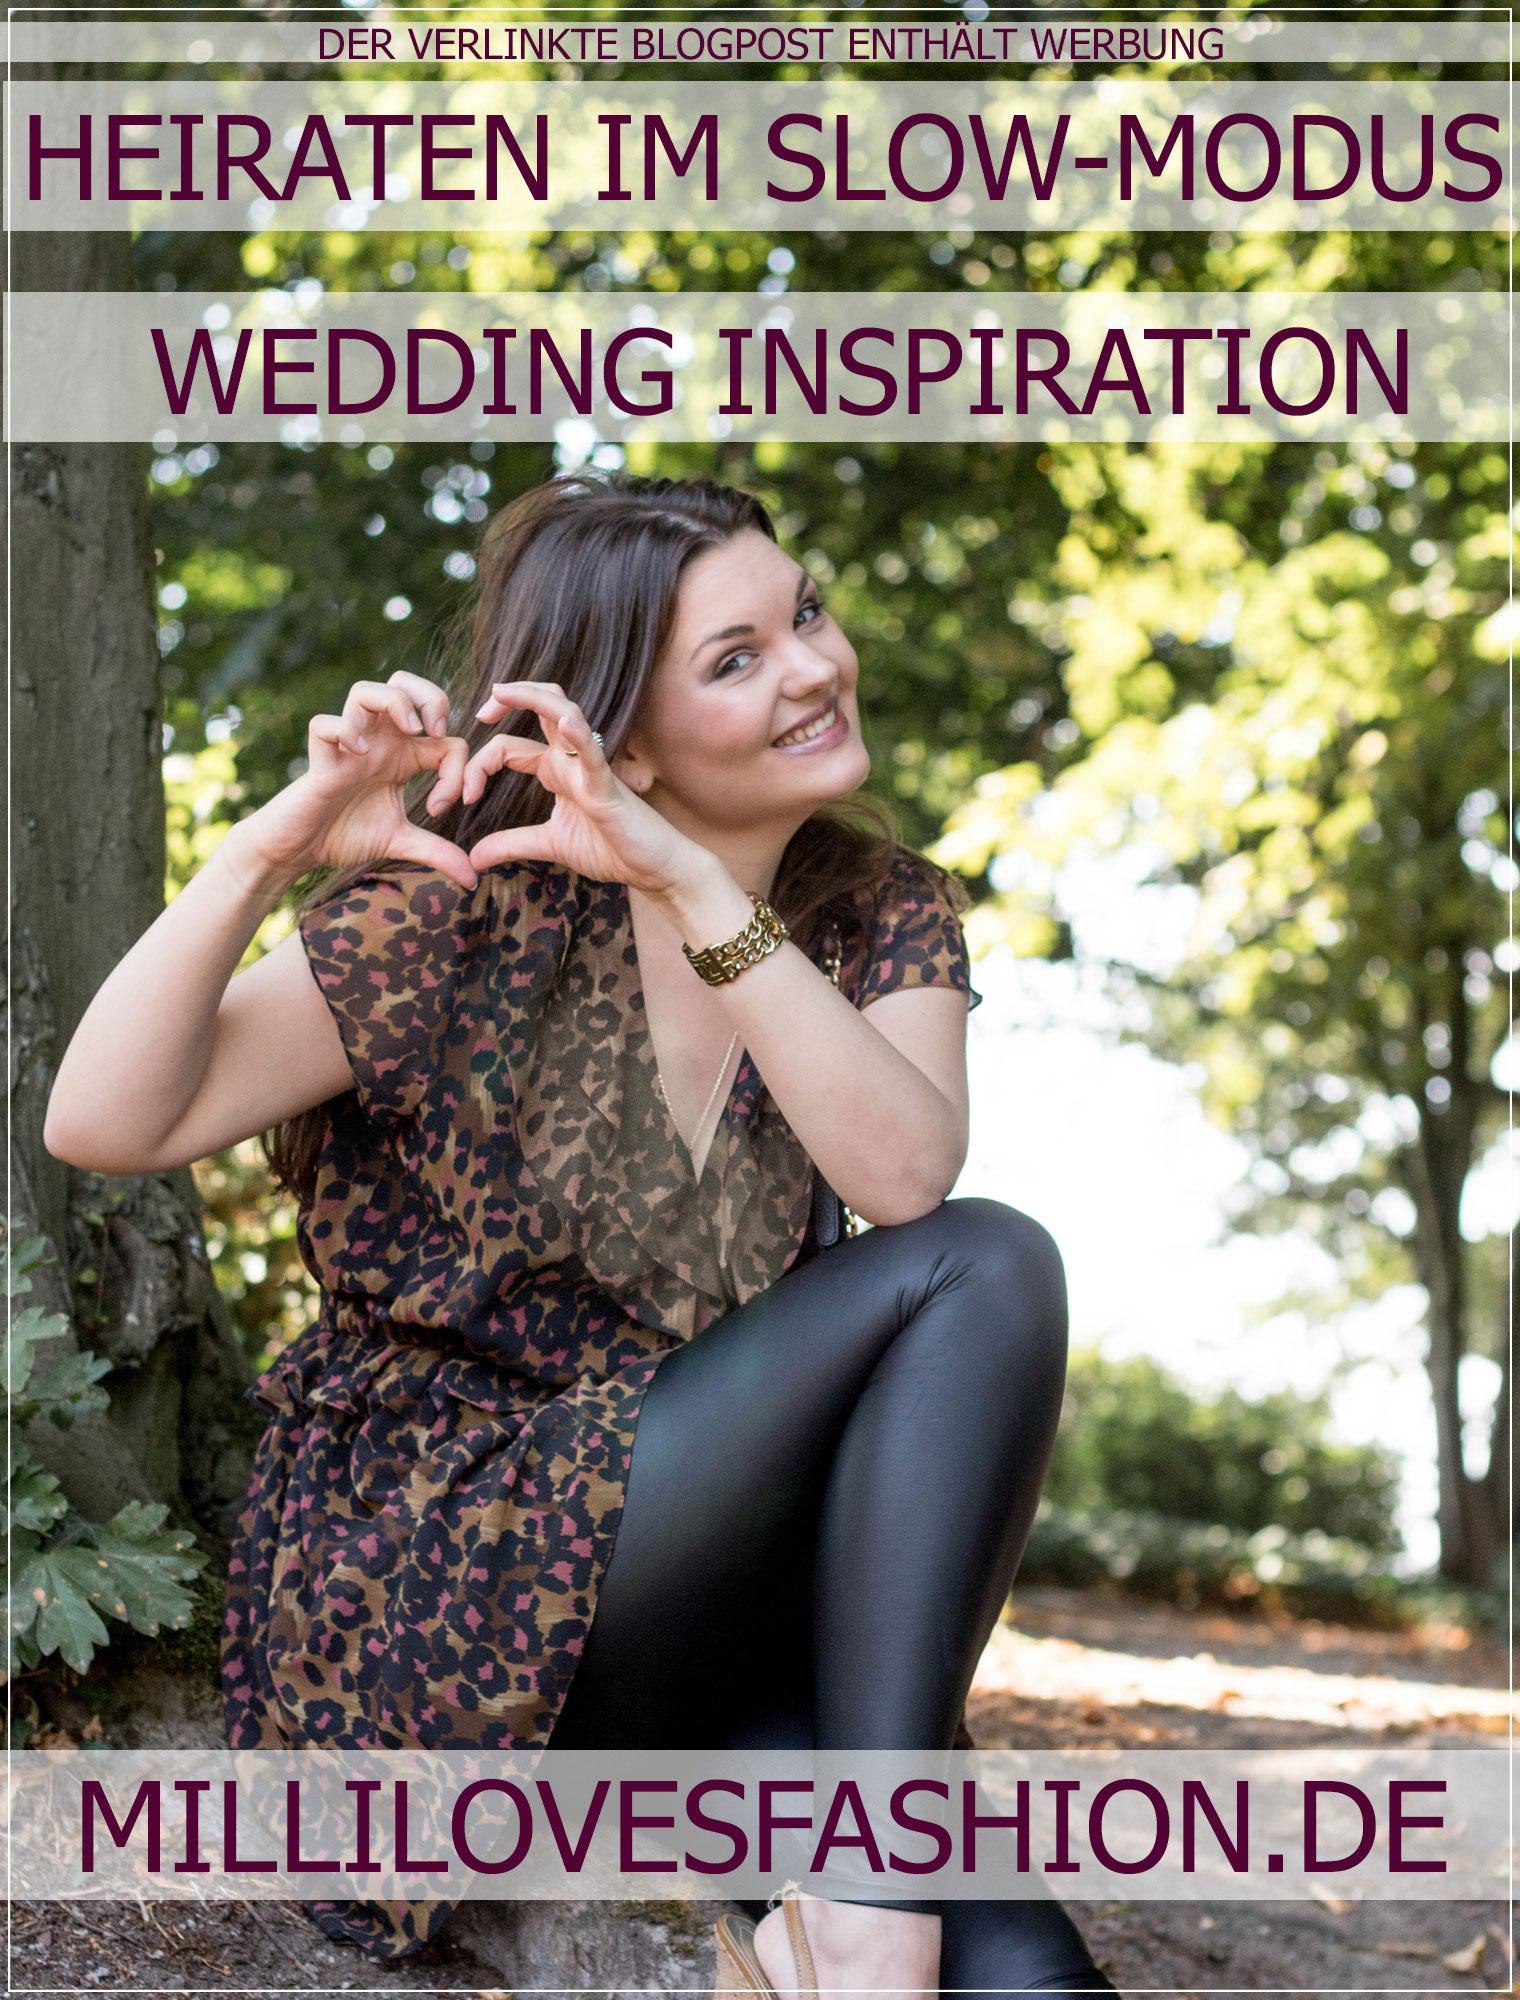 Heiraten, Hochzeit, Hochzeitsplanung, Slow-Modus, Weddingupdate, Hochzeitsinspiration, Weddinginspiration, Heiraten 2018, Brautpaar, Ruhrgebiet, Bloggerin, Modeblog, Fashionblog